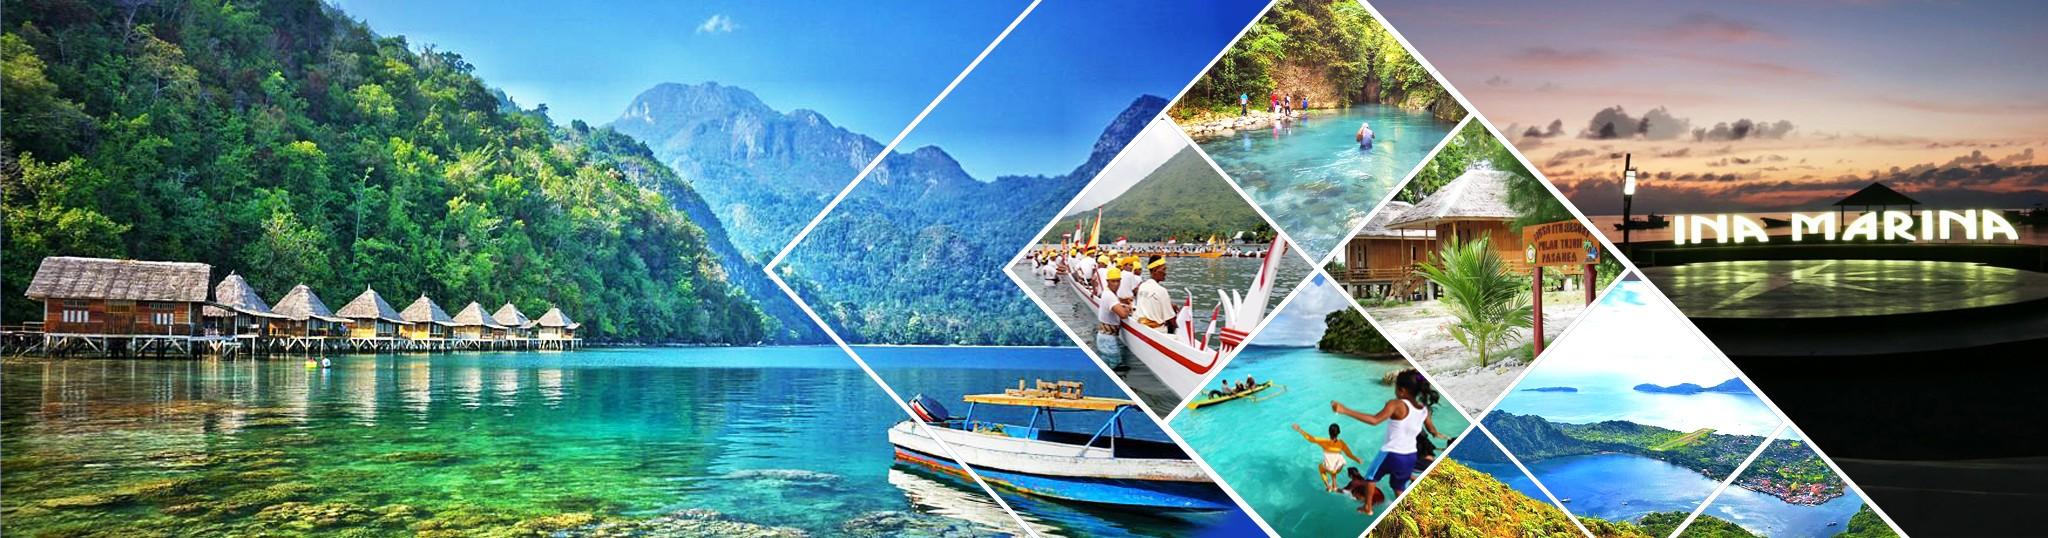 Tempat Wisata Di Semarang Yang Lagi Hits Tempat Wisata Indonesia